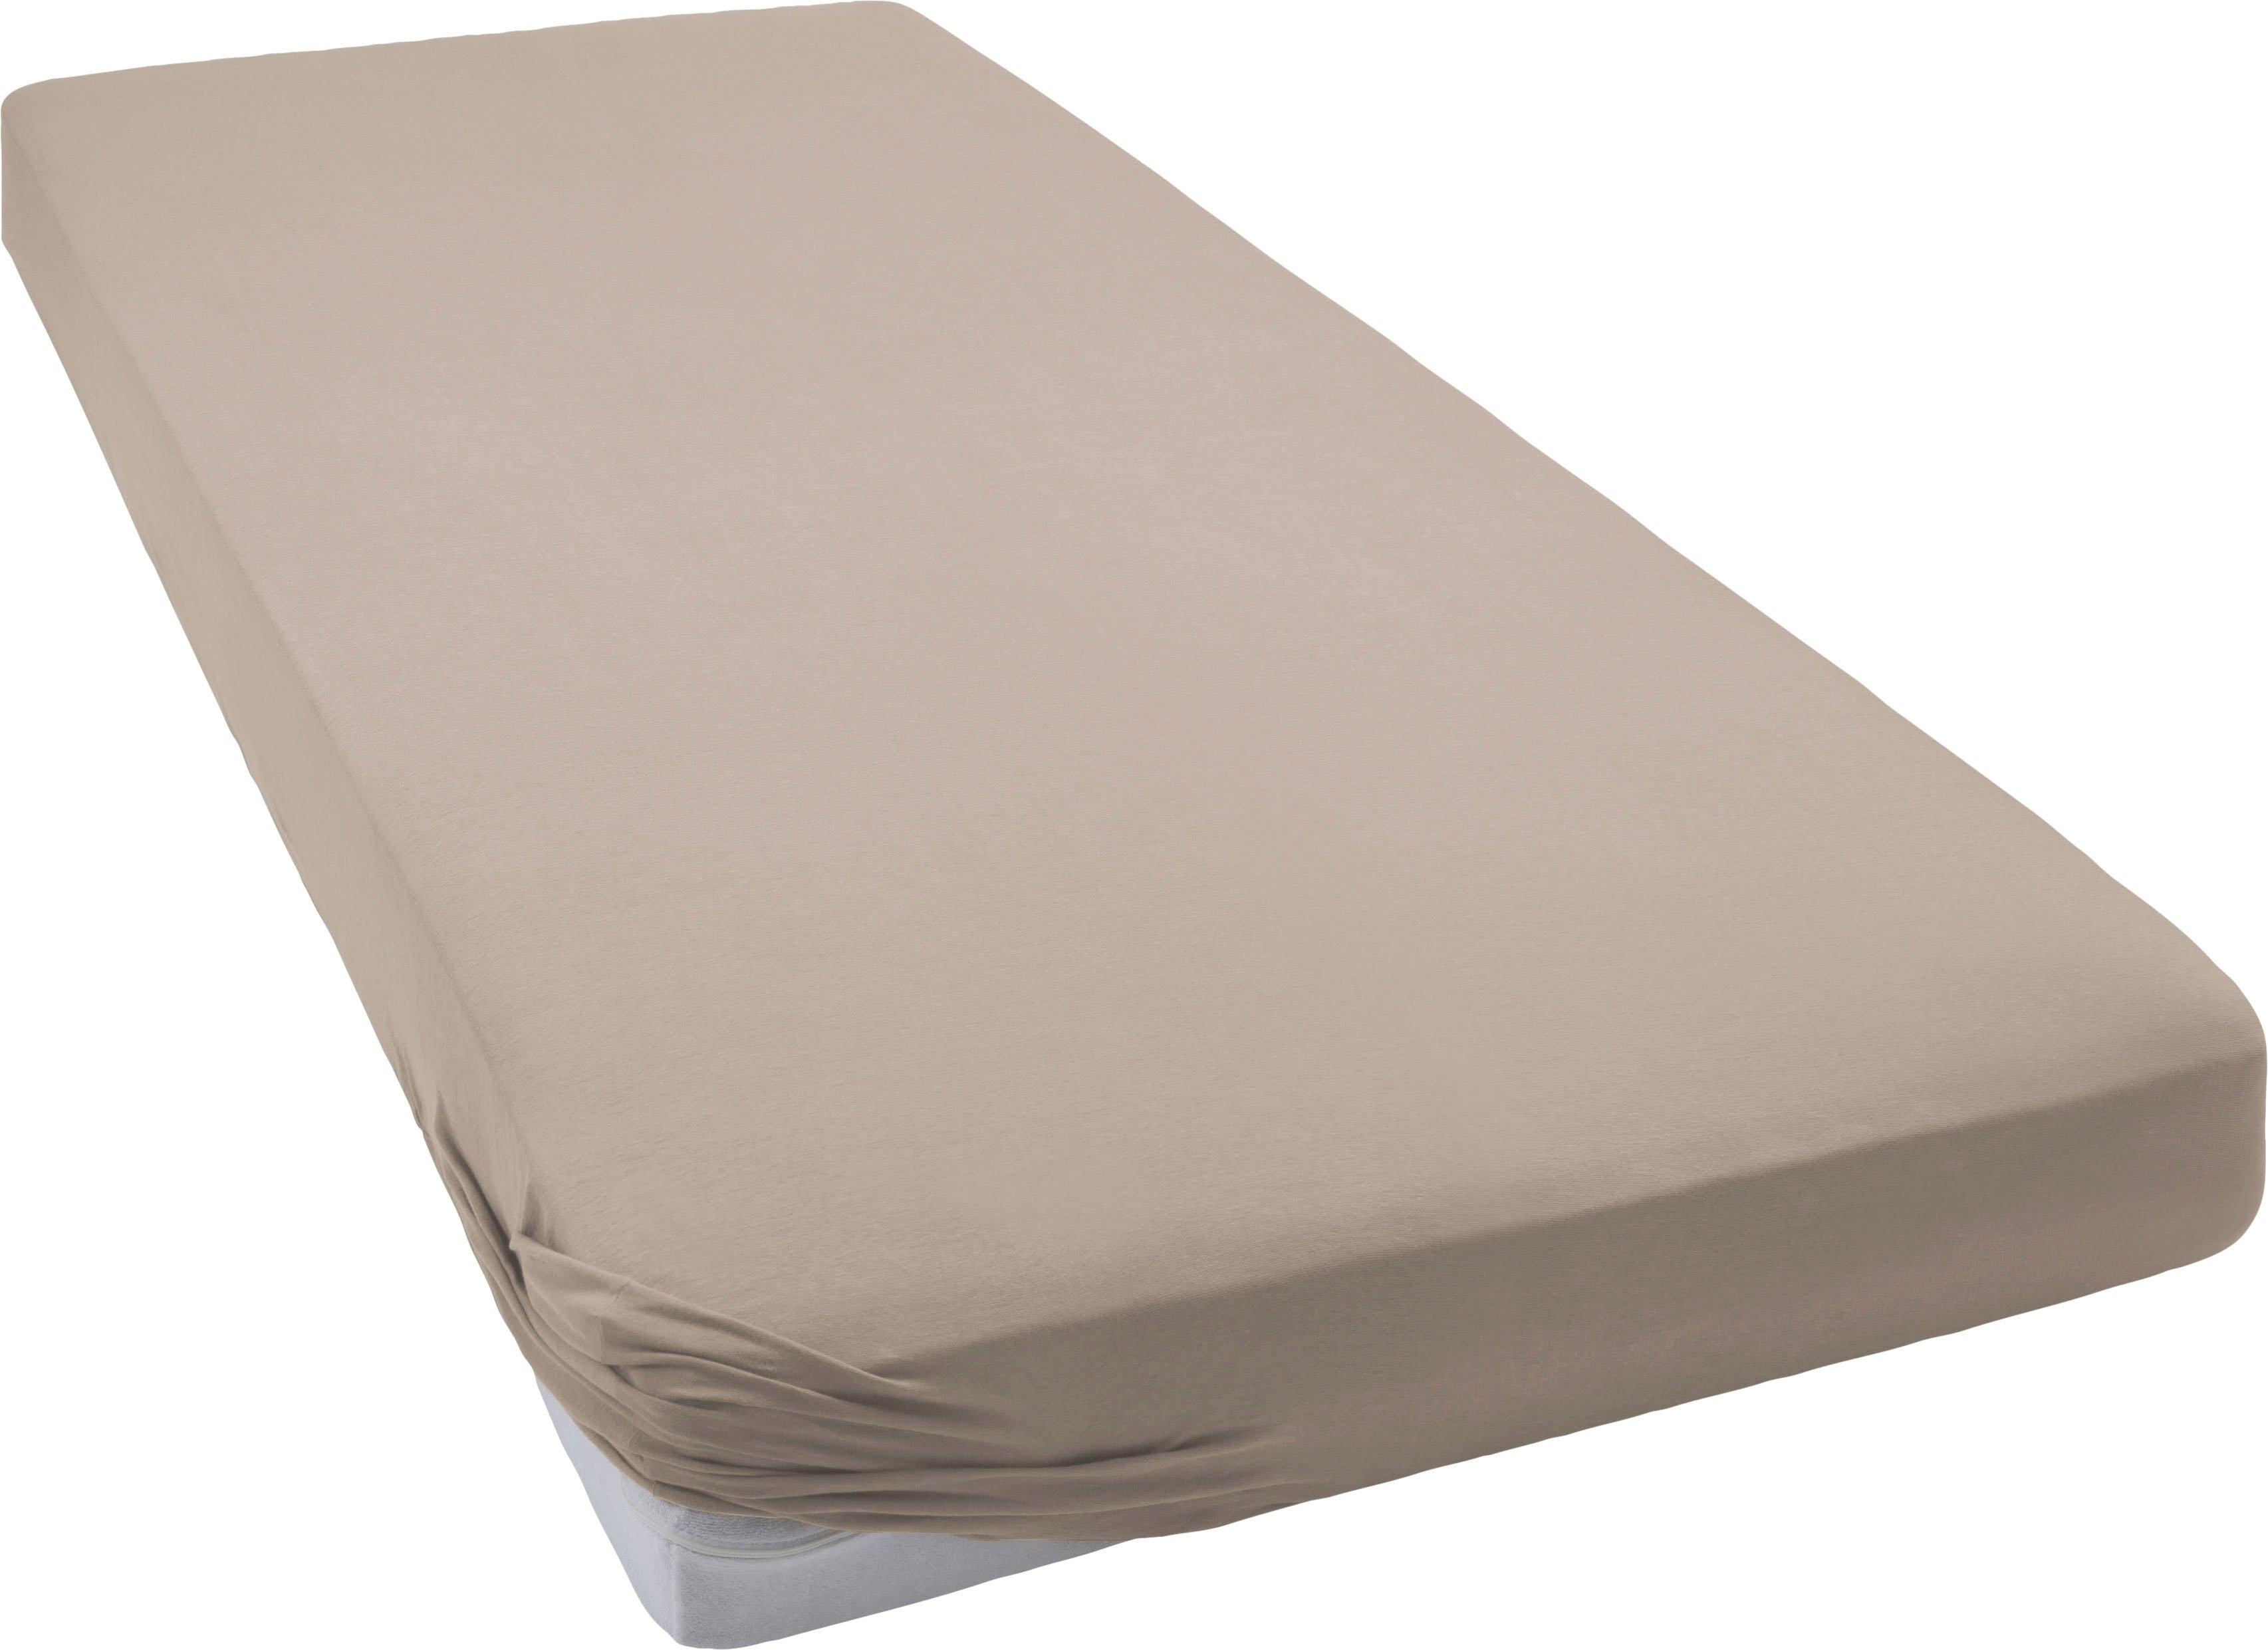 bellana Hoeslaken Jersey-elastan deluxe voor waterbedden en boxsprings (1 stuk) nu online kopen bij OTTO